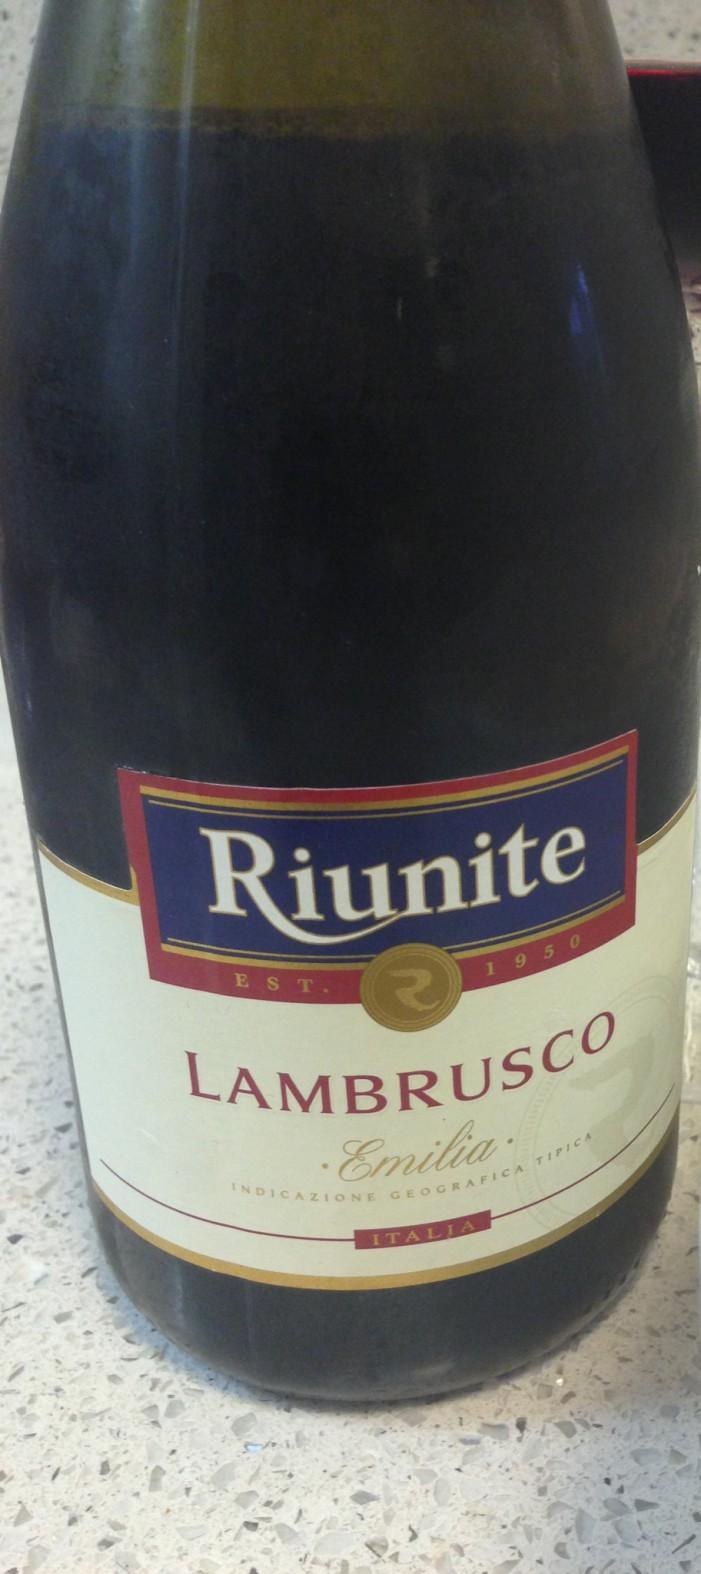 Lambrusco… One of the many joys of Emilia Romagna!